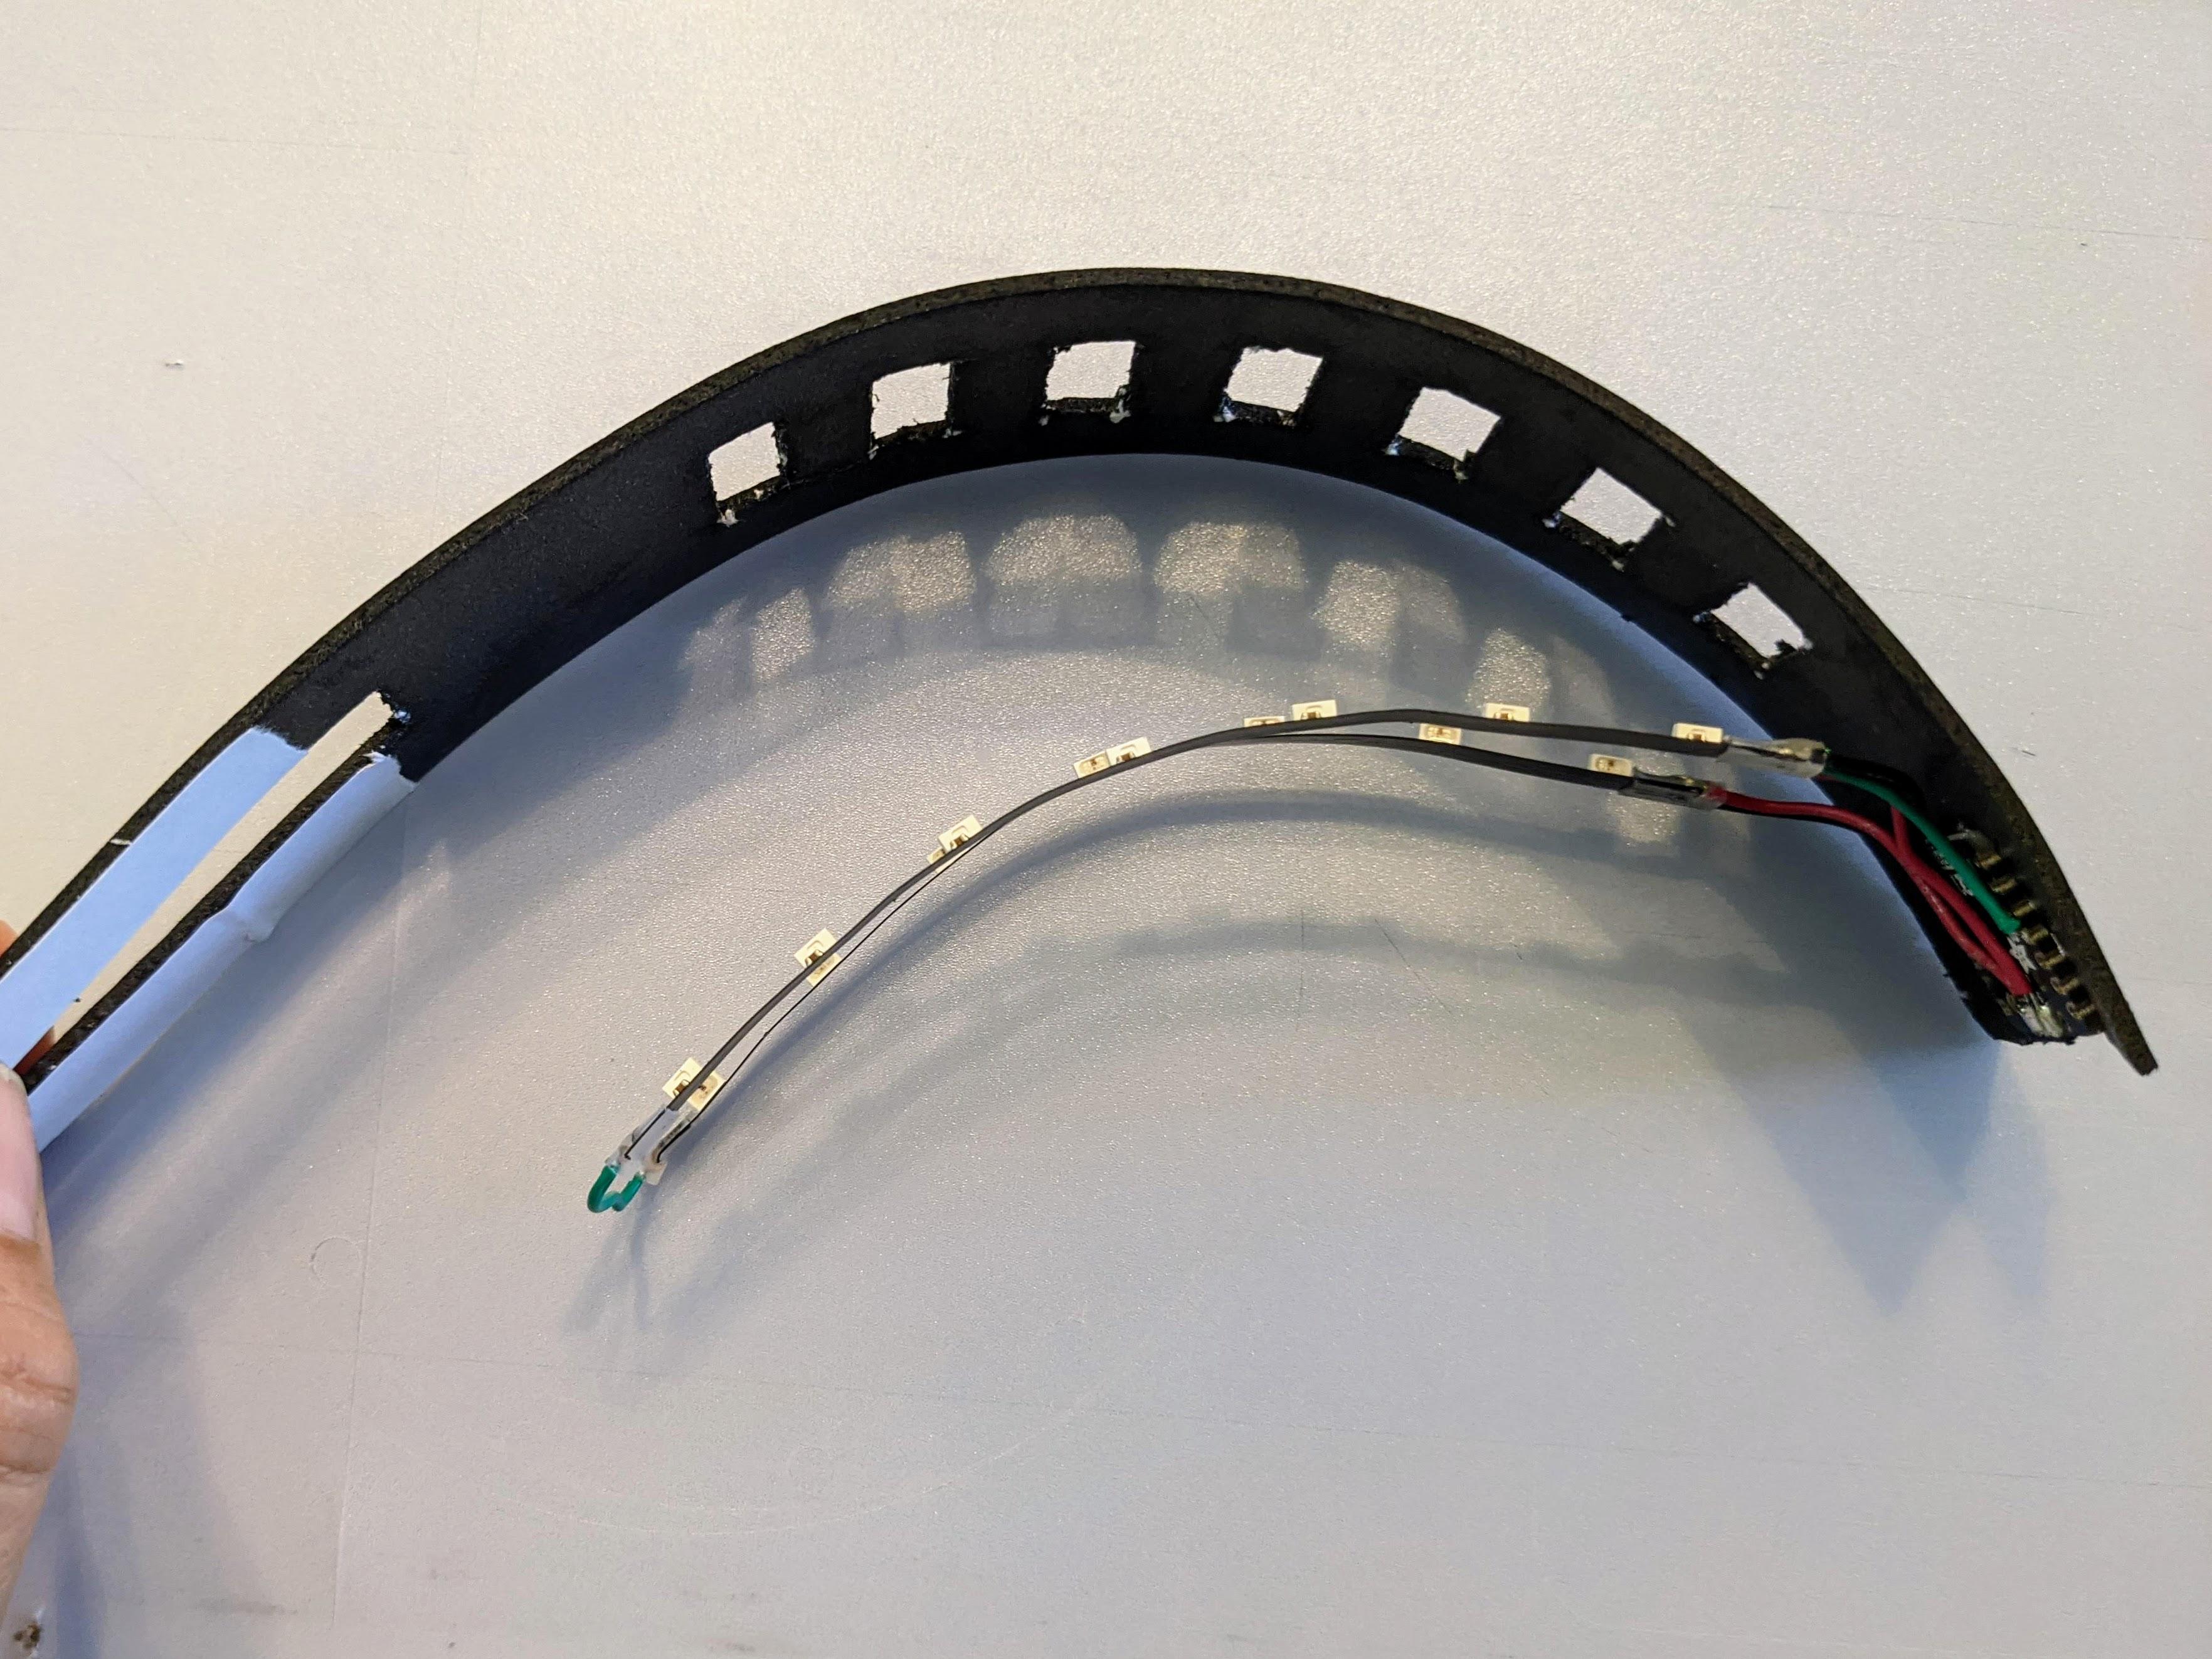 led_strips_PXL_20201013_211626387.jpg